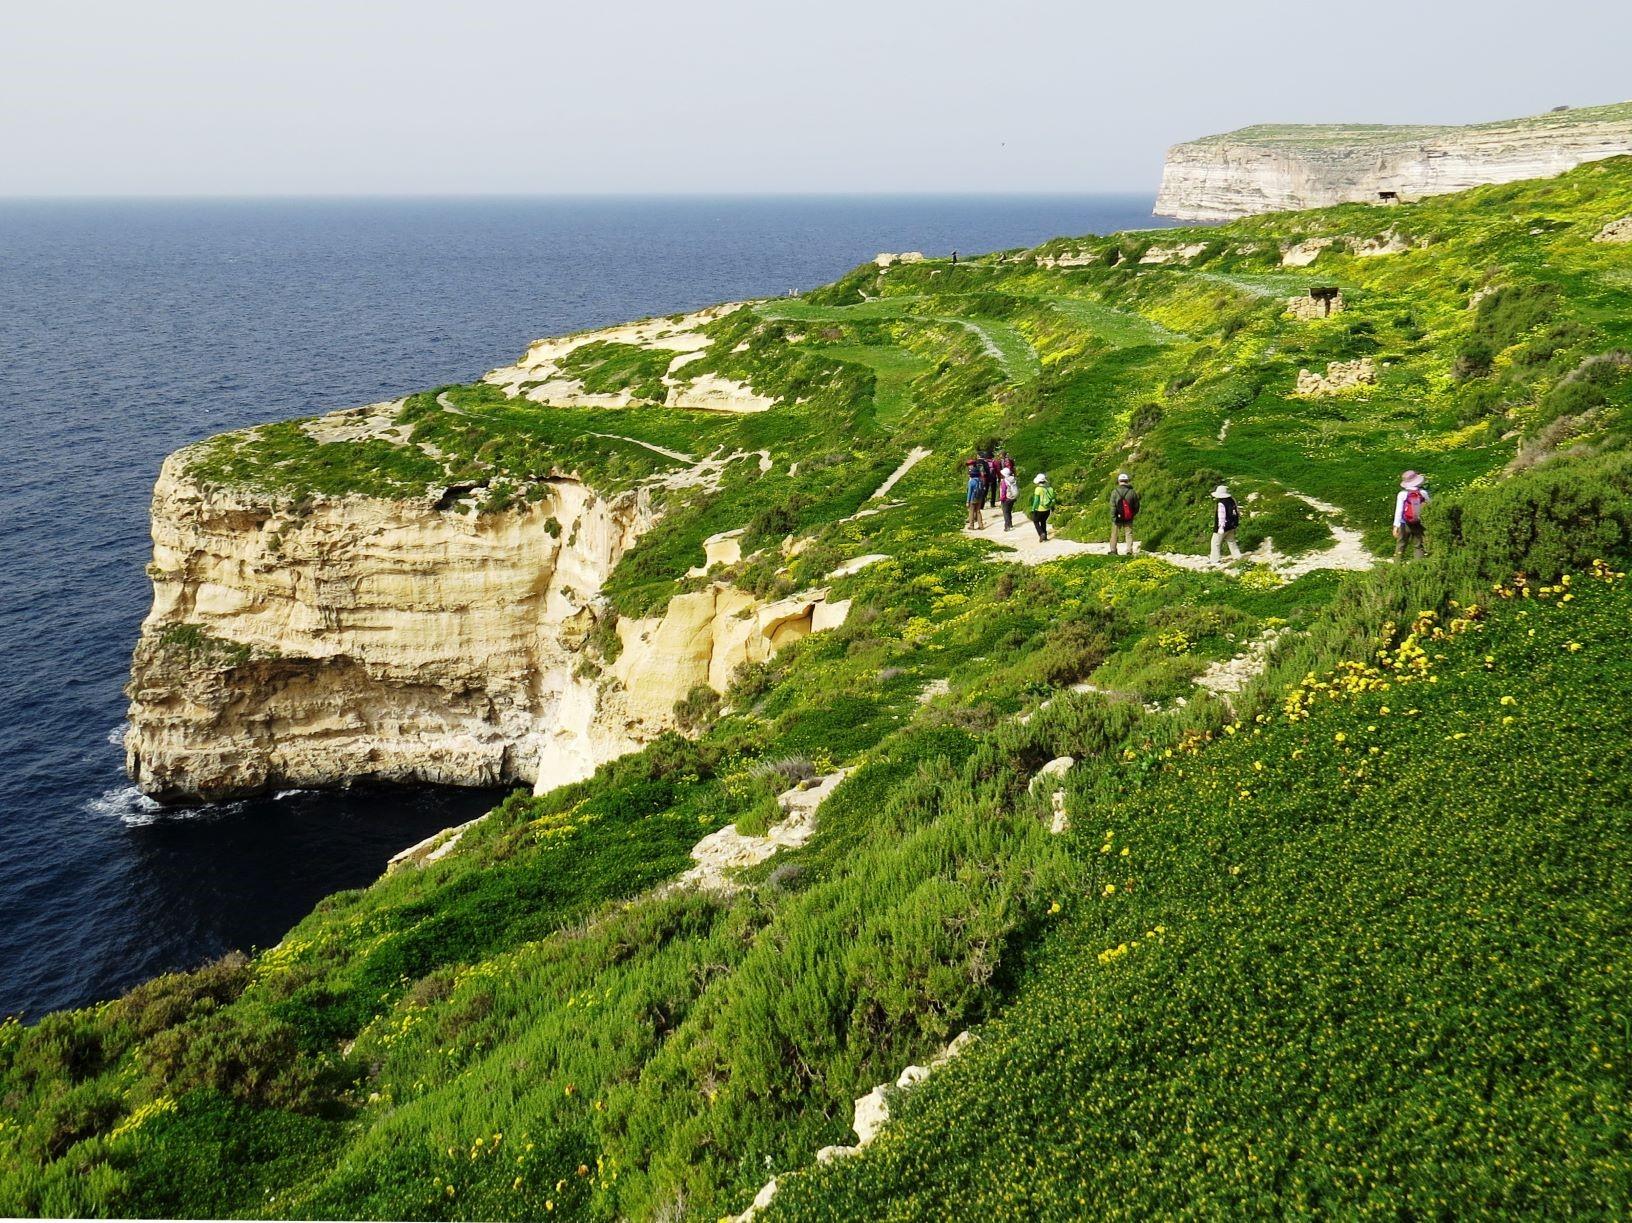 ゴゾ島の南海岸を歩く。白い石灰岩の断崖を持つ海岸線がマルタ諸島の特徴(6日目)